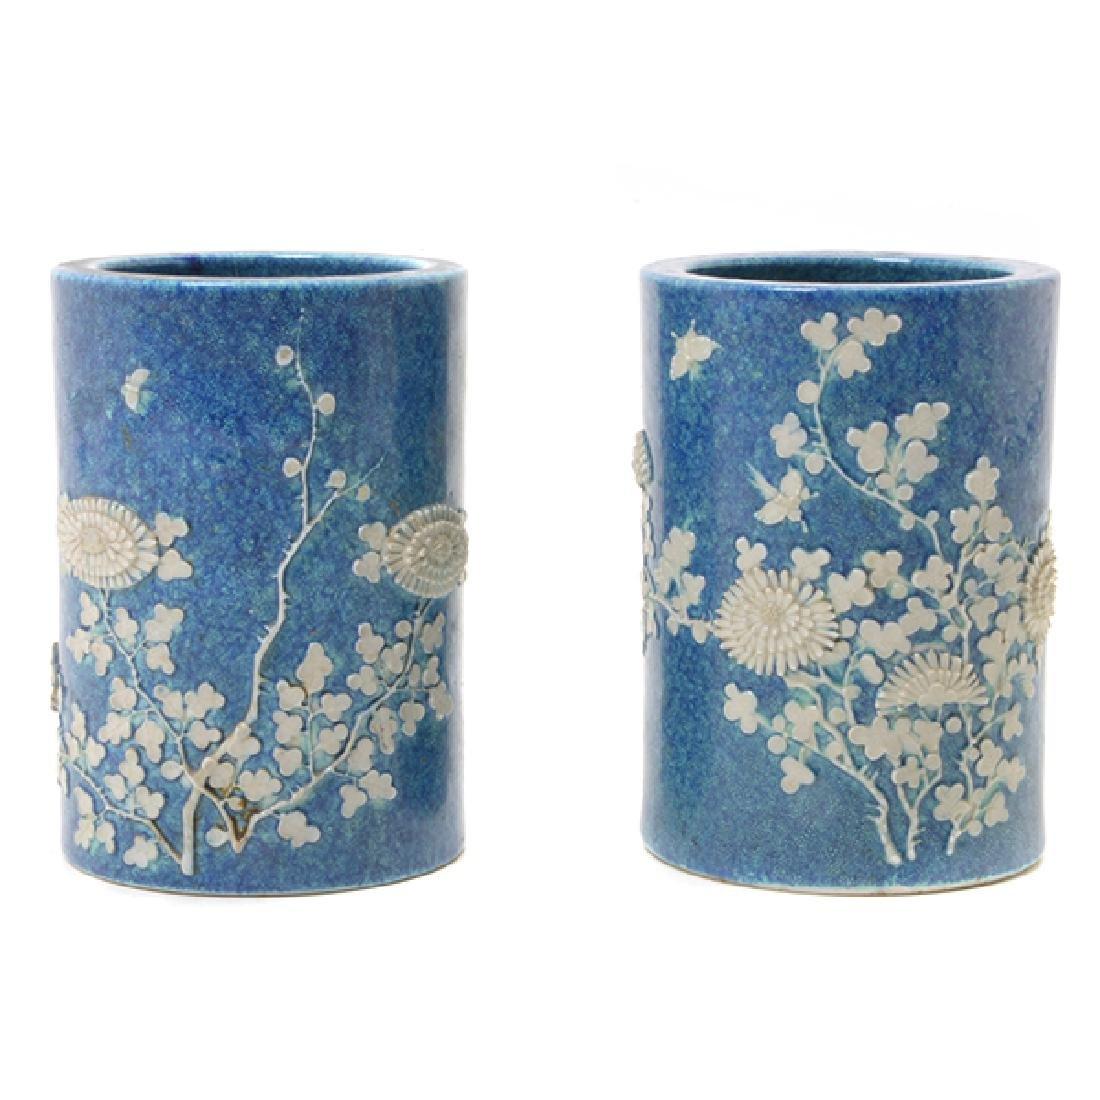 Pr of Biscuit Porcelain Brush Pots, L 19th/E 20th C